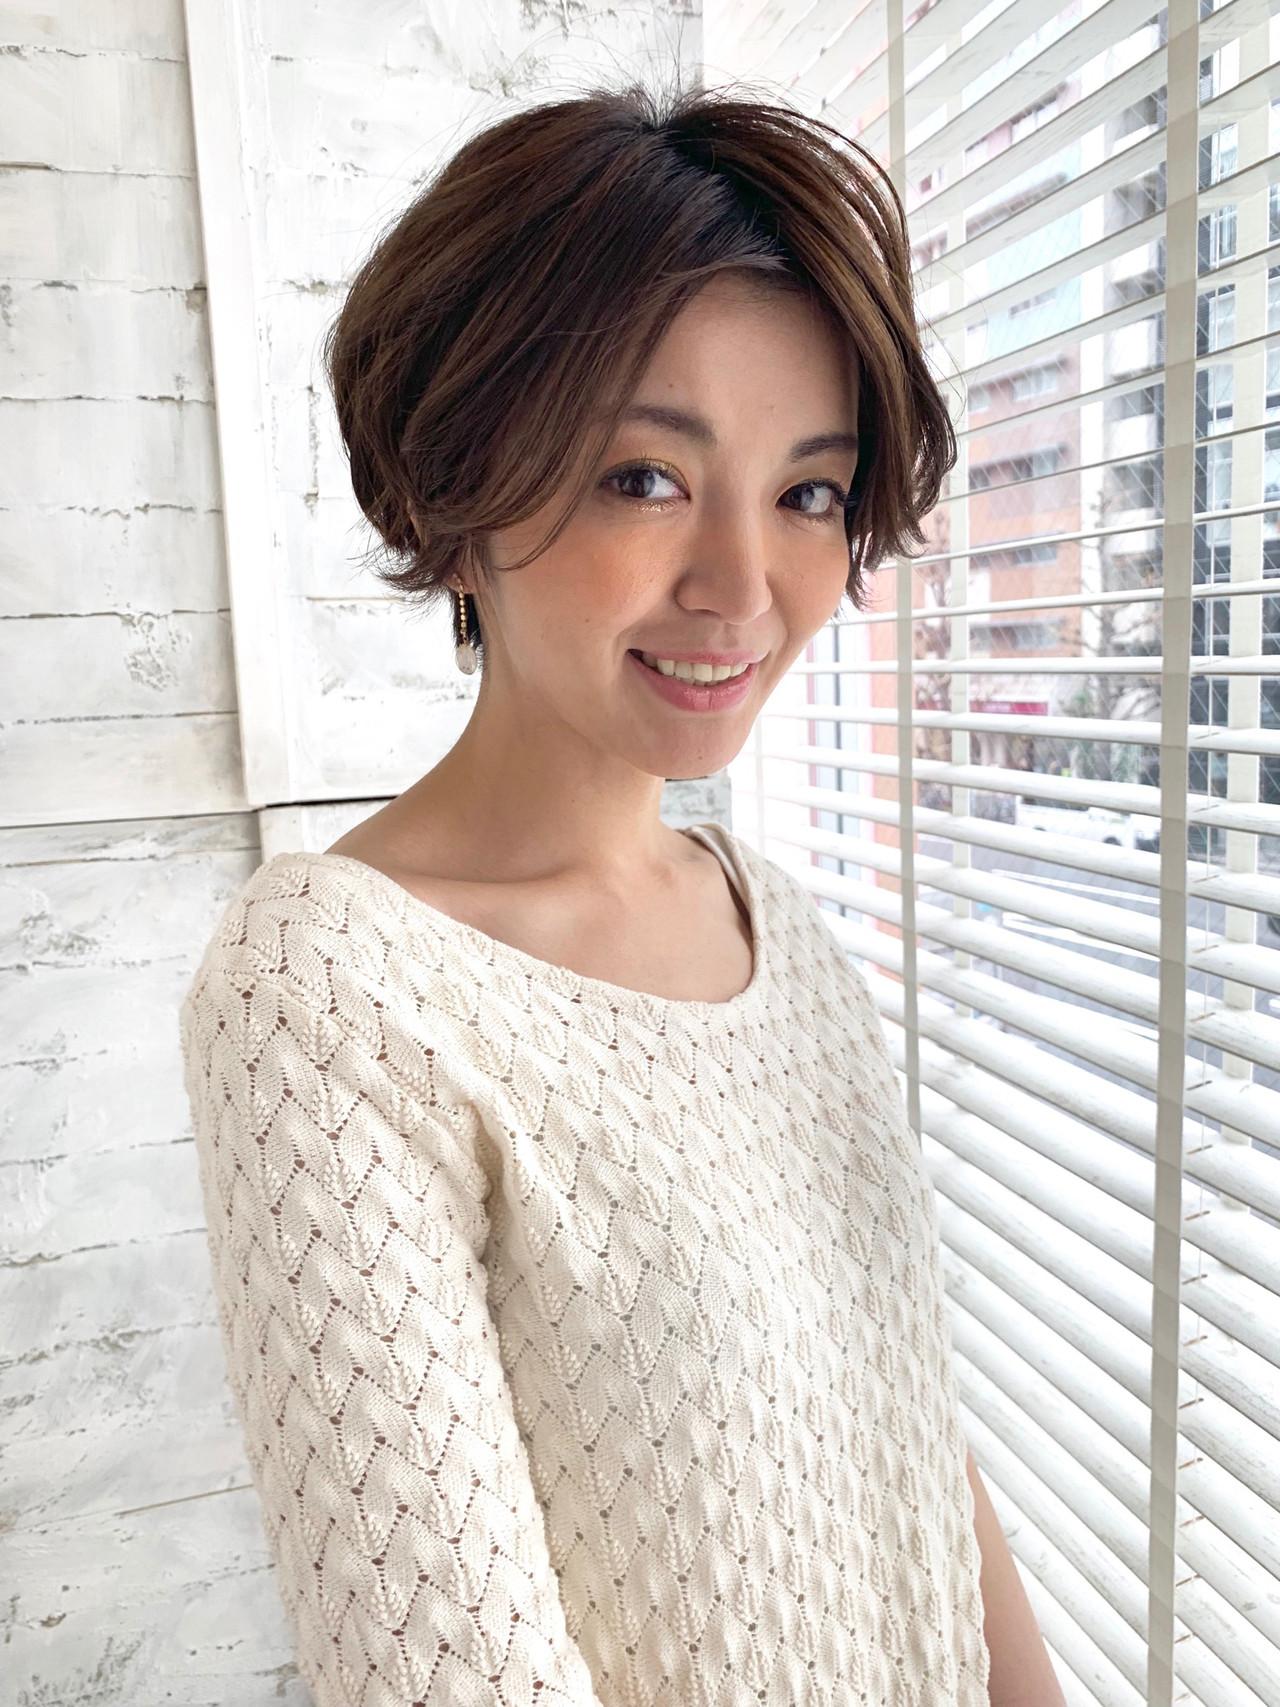 無造作ミックス 大人カジュアル パーマ ショート ヘアスタイルや髪型の写真・画像 | Chie Ogusu / Hair and Make Chie Ogusu